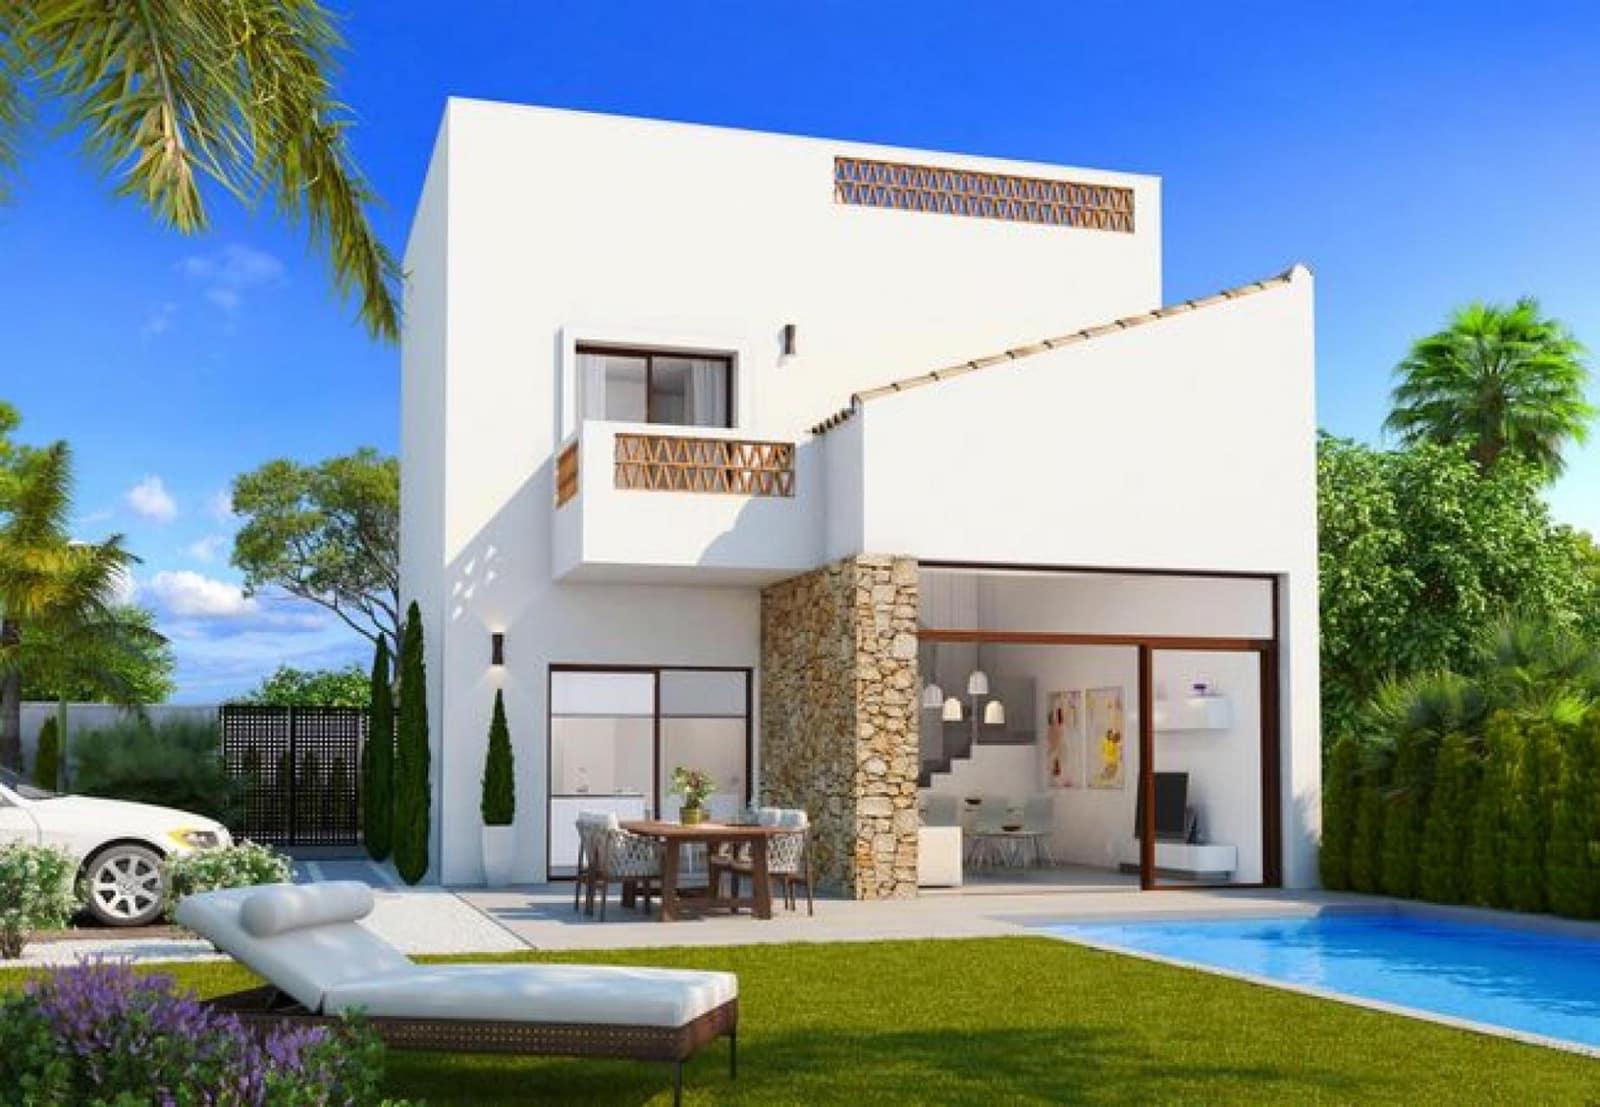 Chalet de 3 habitaciones en Benijófar en venta con piscina - 229.000 € (Ref: 4886218)